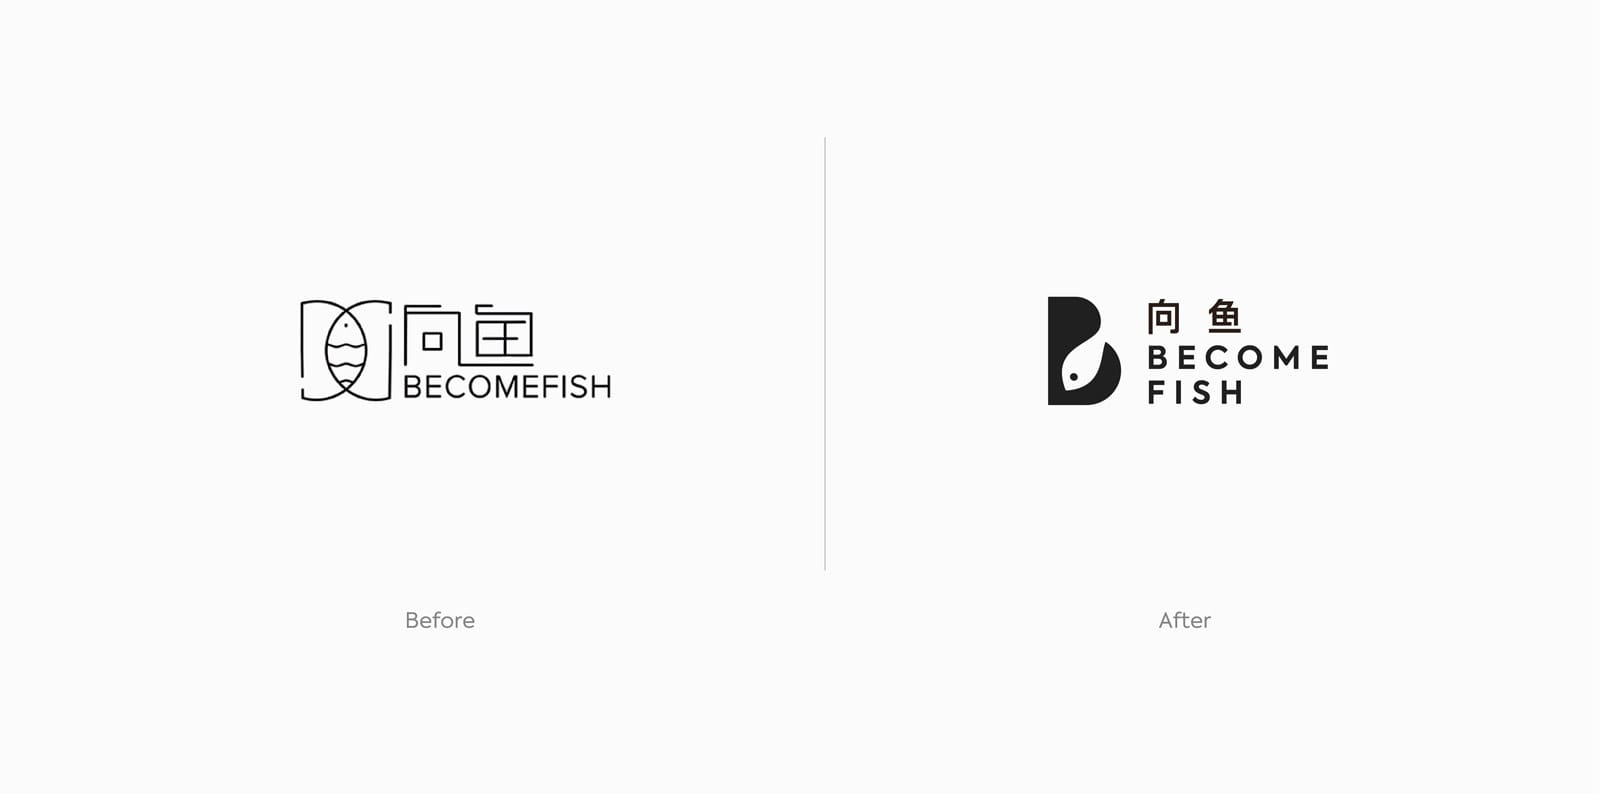 向鱼新旧logo对比